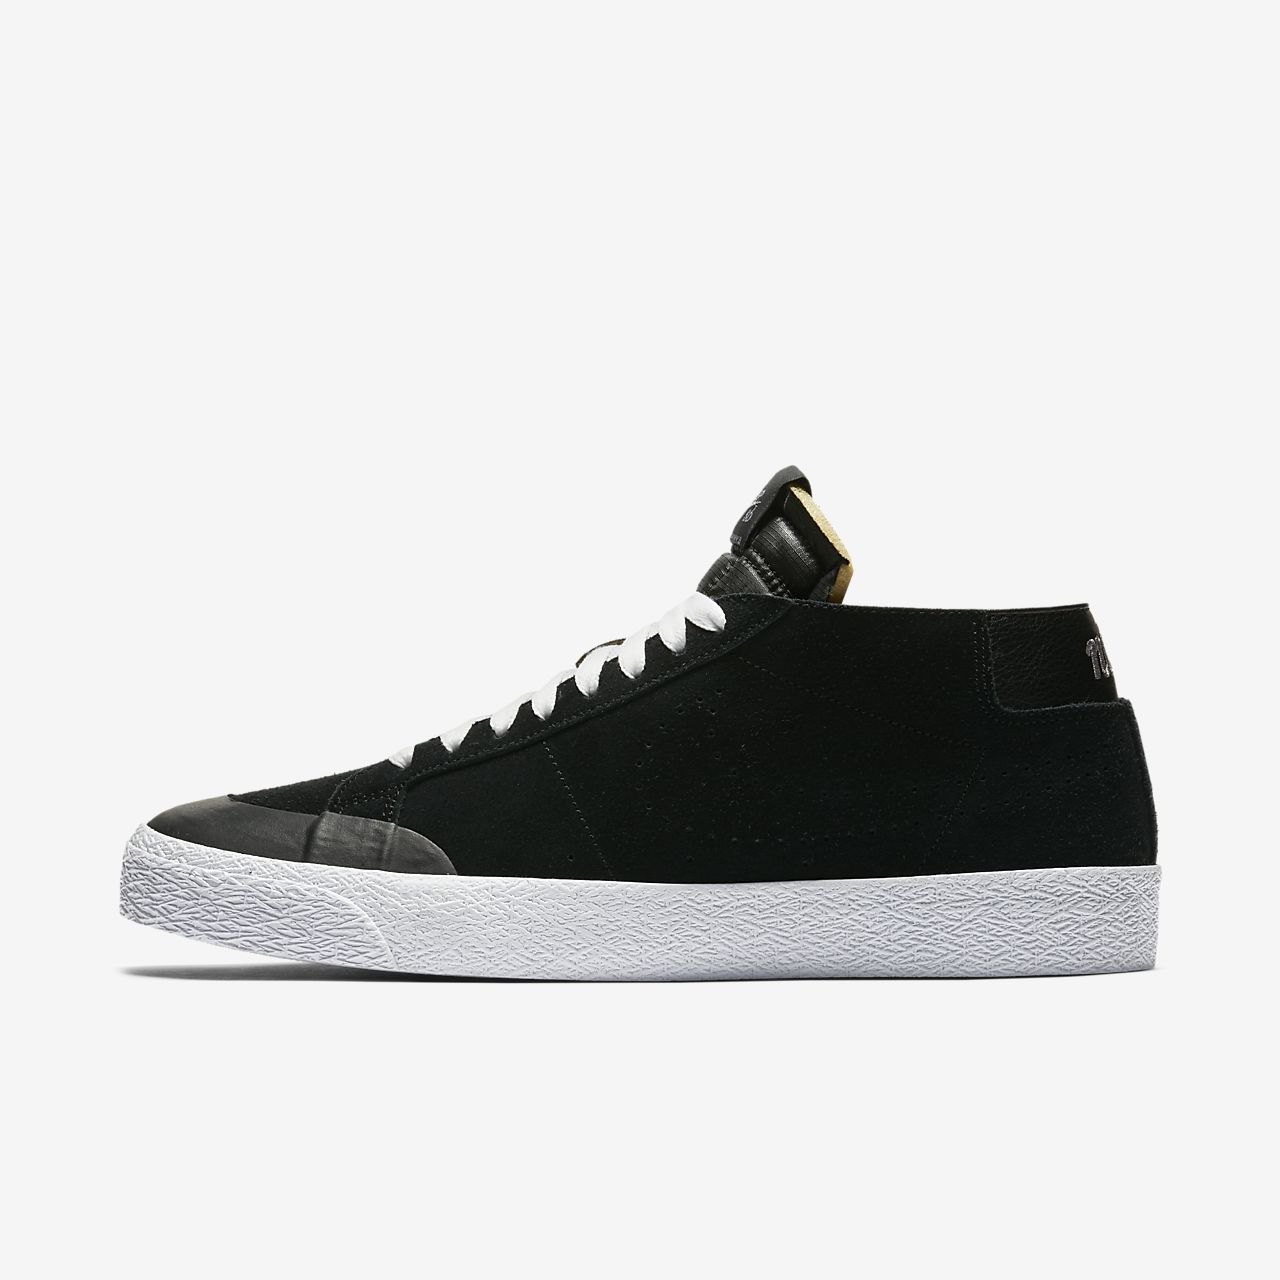 Nike SB Zoom Blazer Chukka XT Erkek Kaykay Ayakkabısı